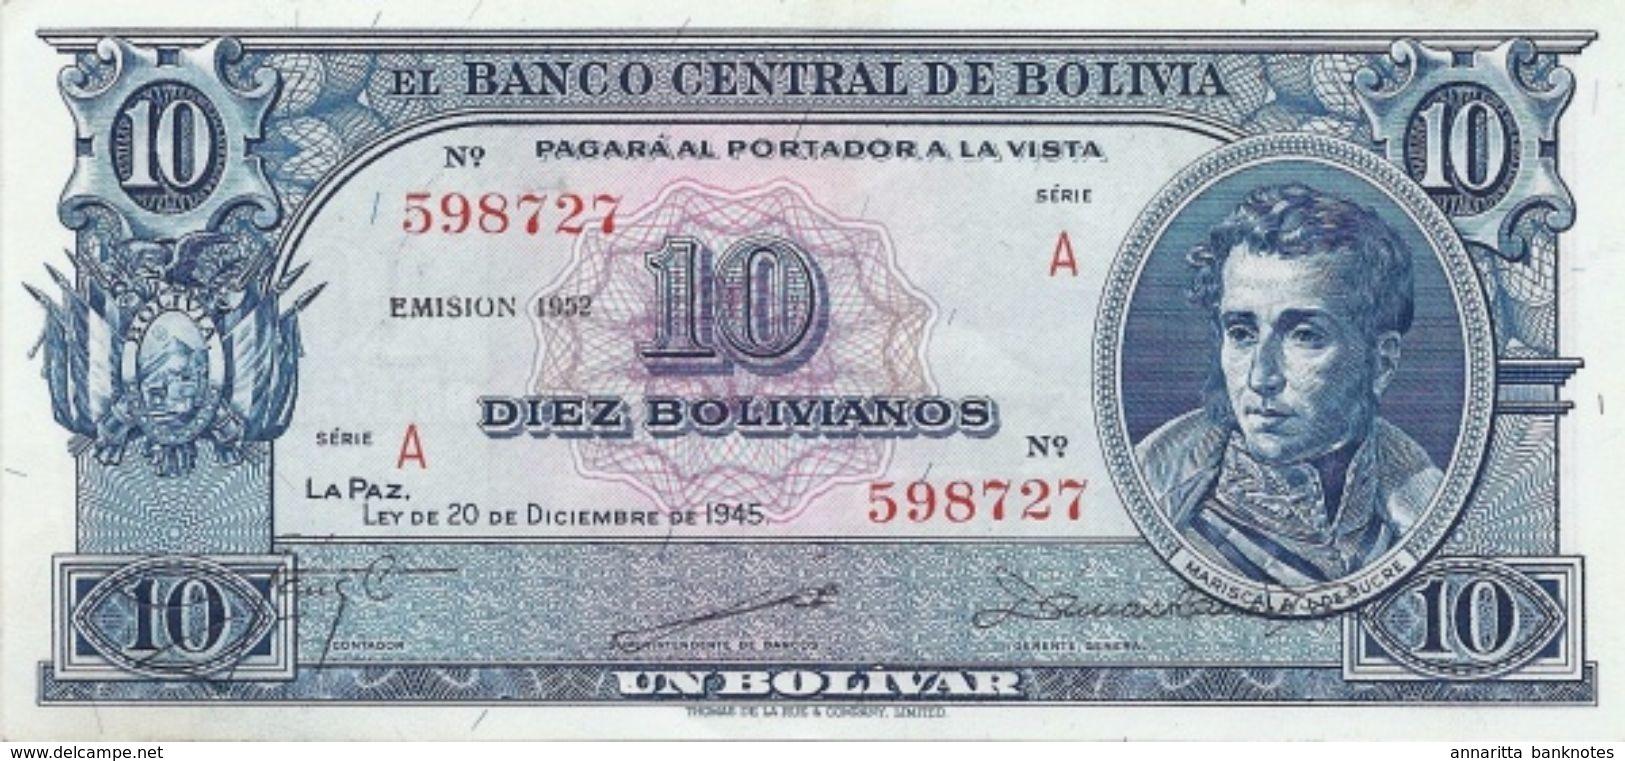 BOLIVIA 10 BOLIVIANOS 1952 P-139b XF SERIES A [BO139b] - Bolivia